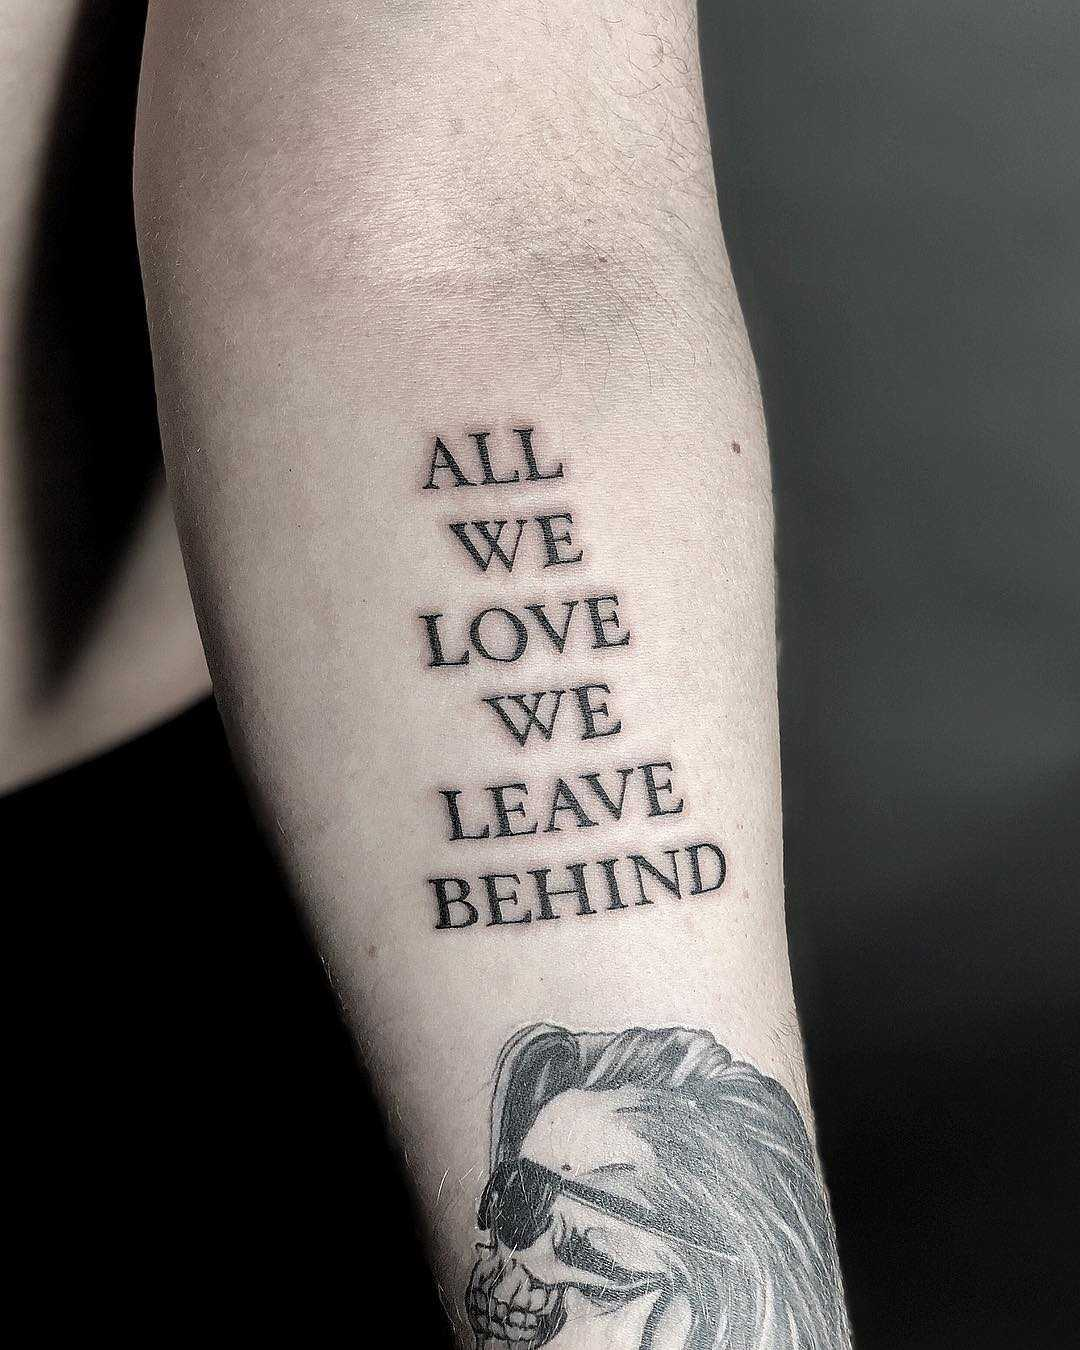 All we love we leave behind tattoo by Loz McLean